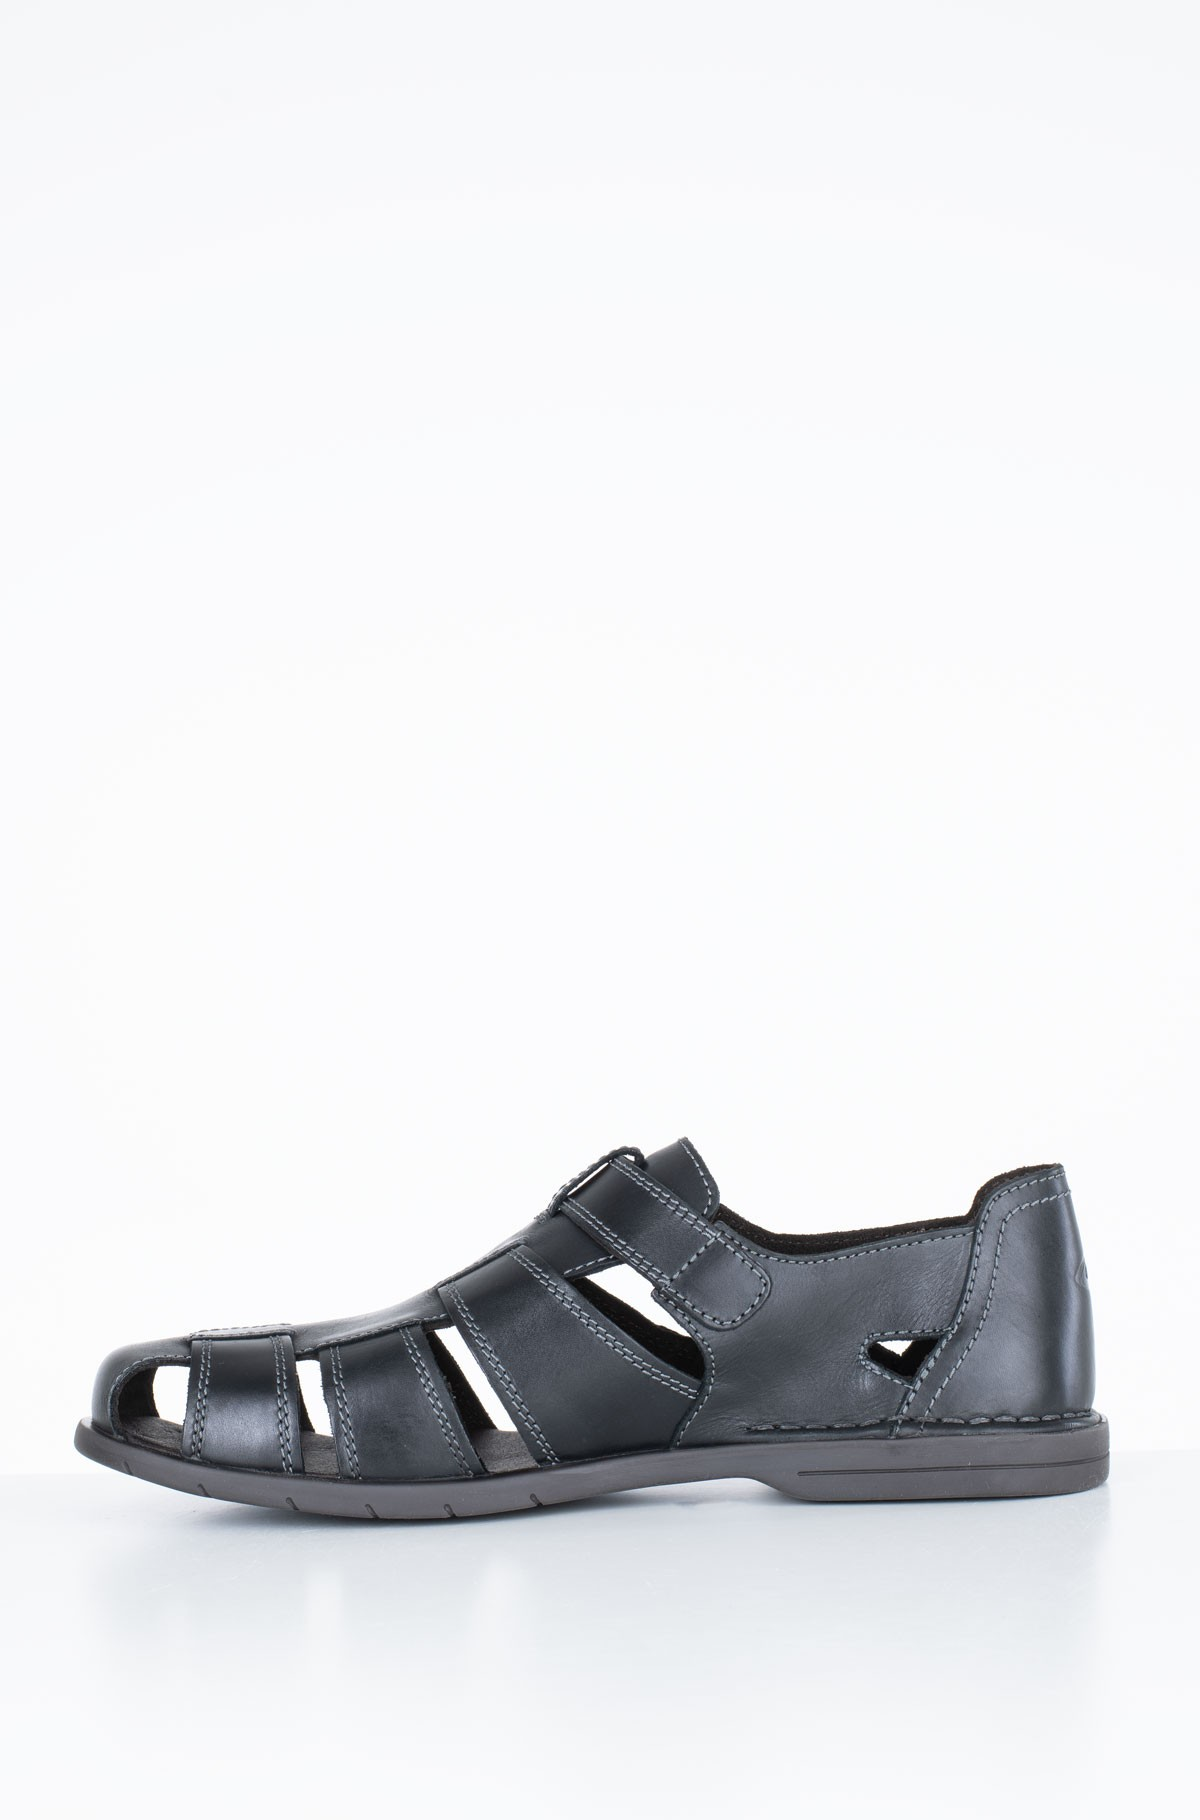 Kinnised sandaalid 410.12.10-full-2